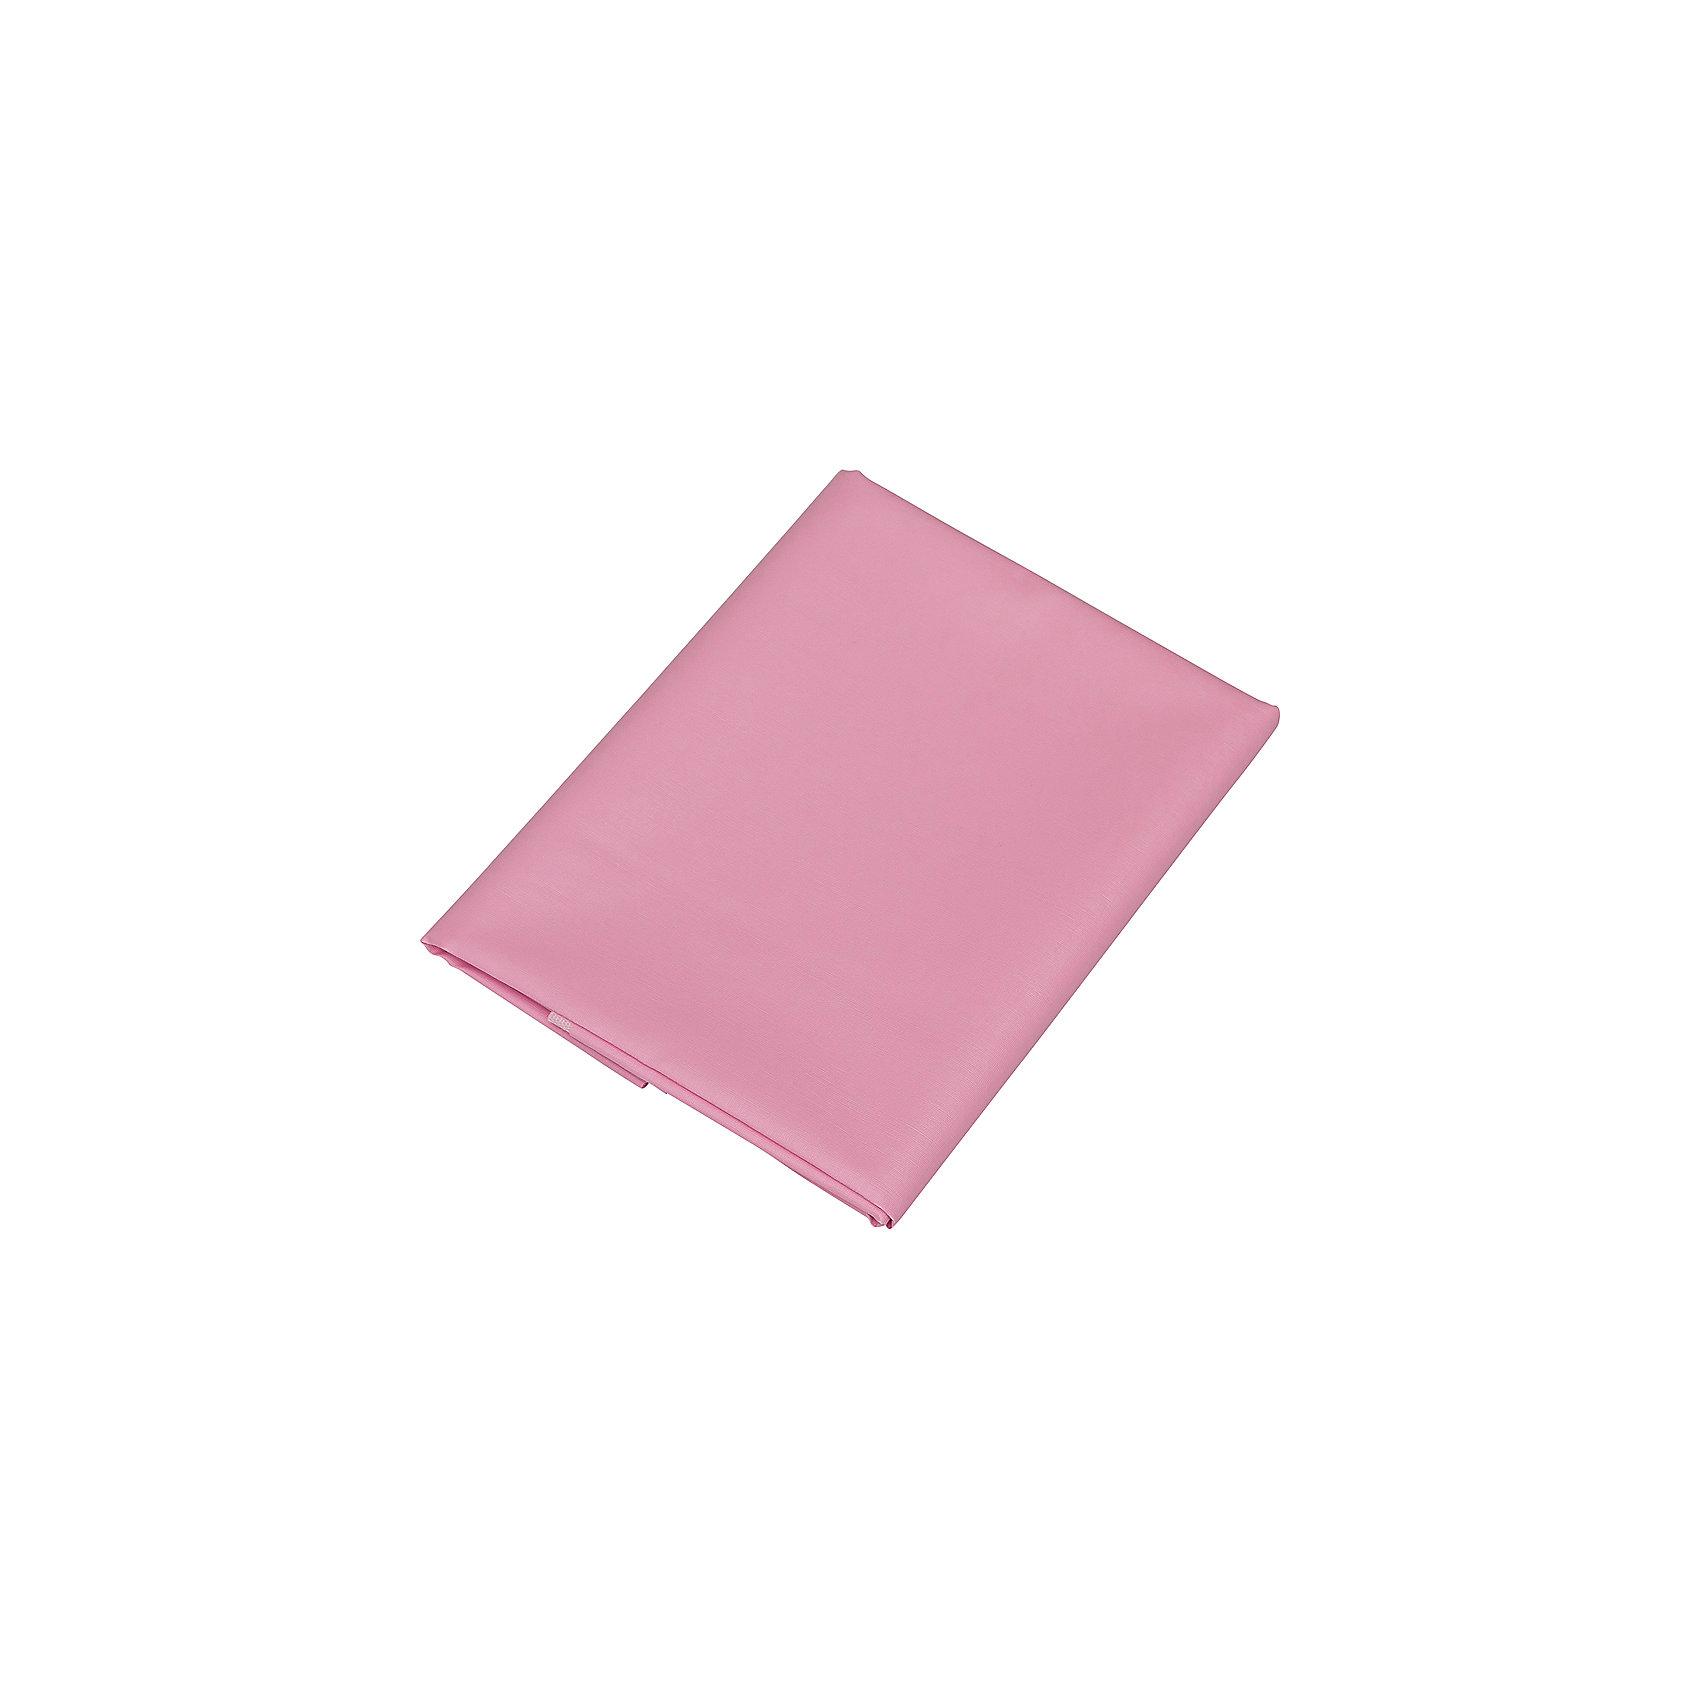 Roxy-Kids Клеенка подкладная с ПВХ покрытием, Roxy-Kids, розовый roxy kids круг музыкальный на шею для купания flipper цвет розовый